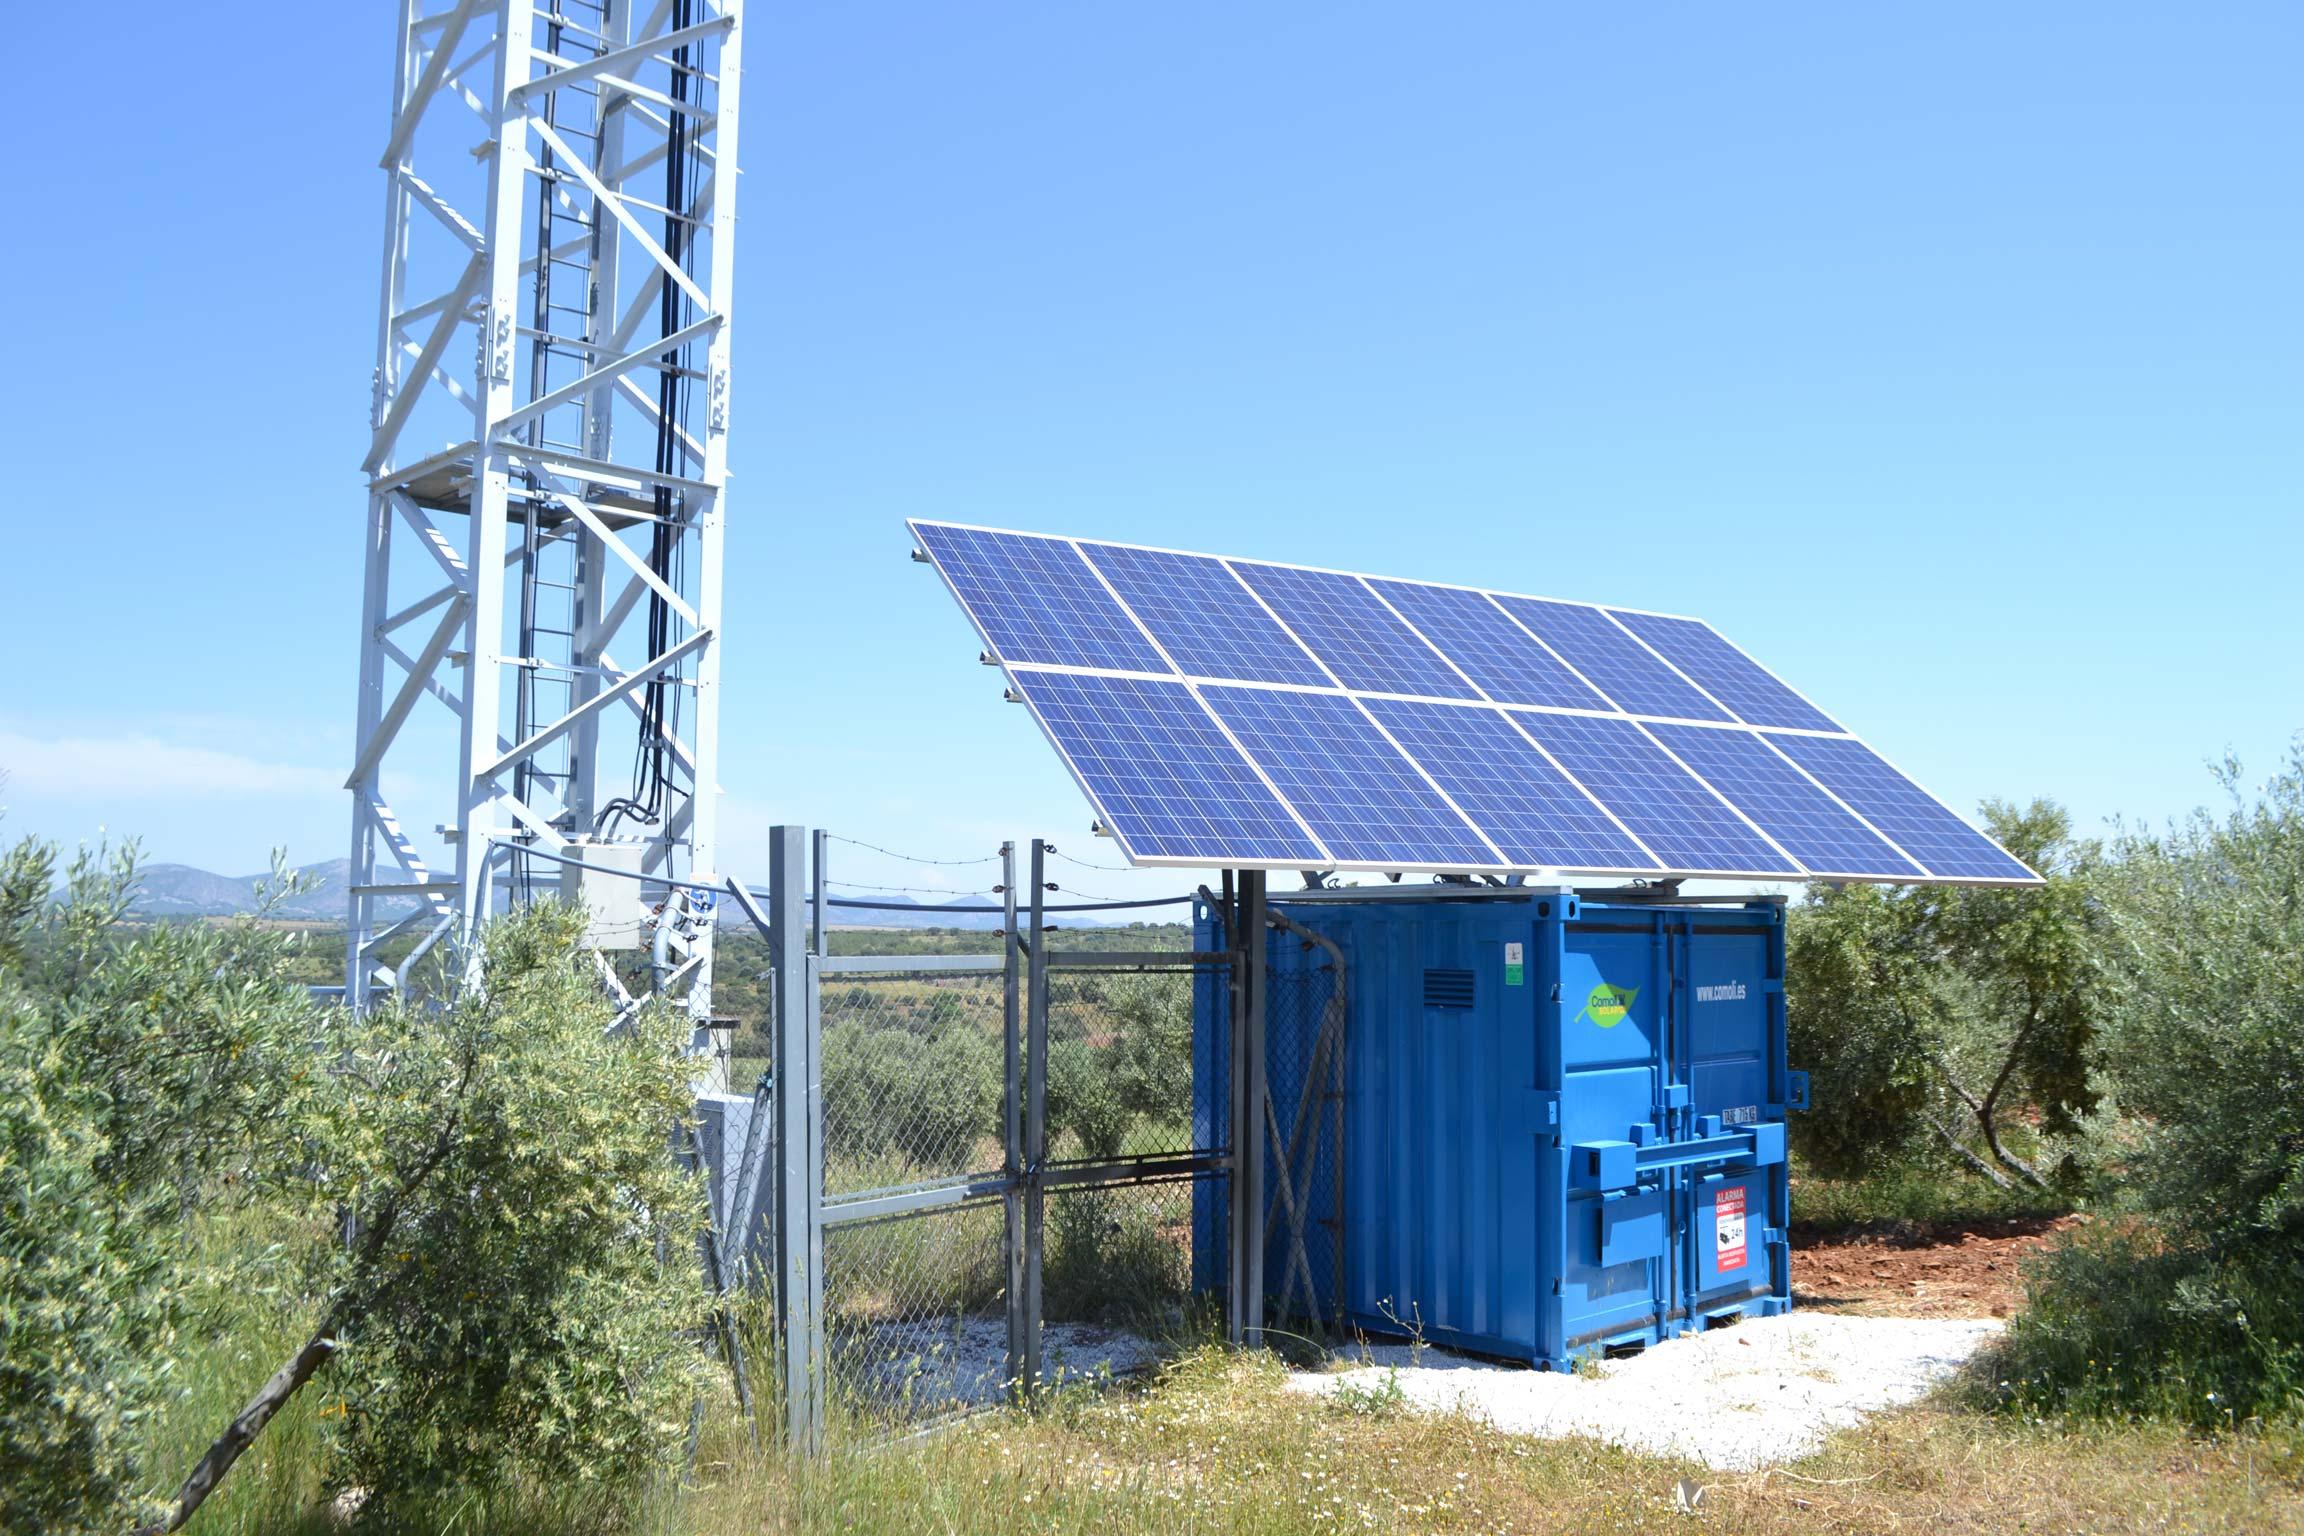 Energía solar fotovoltaica con grupos electrógenos